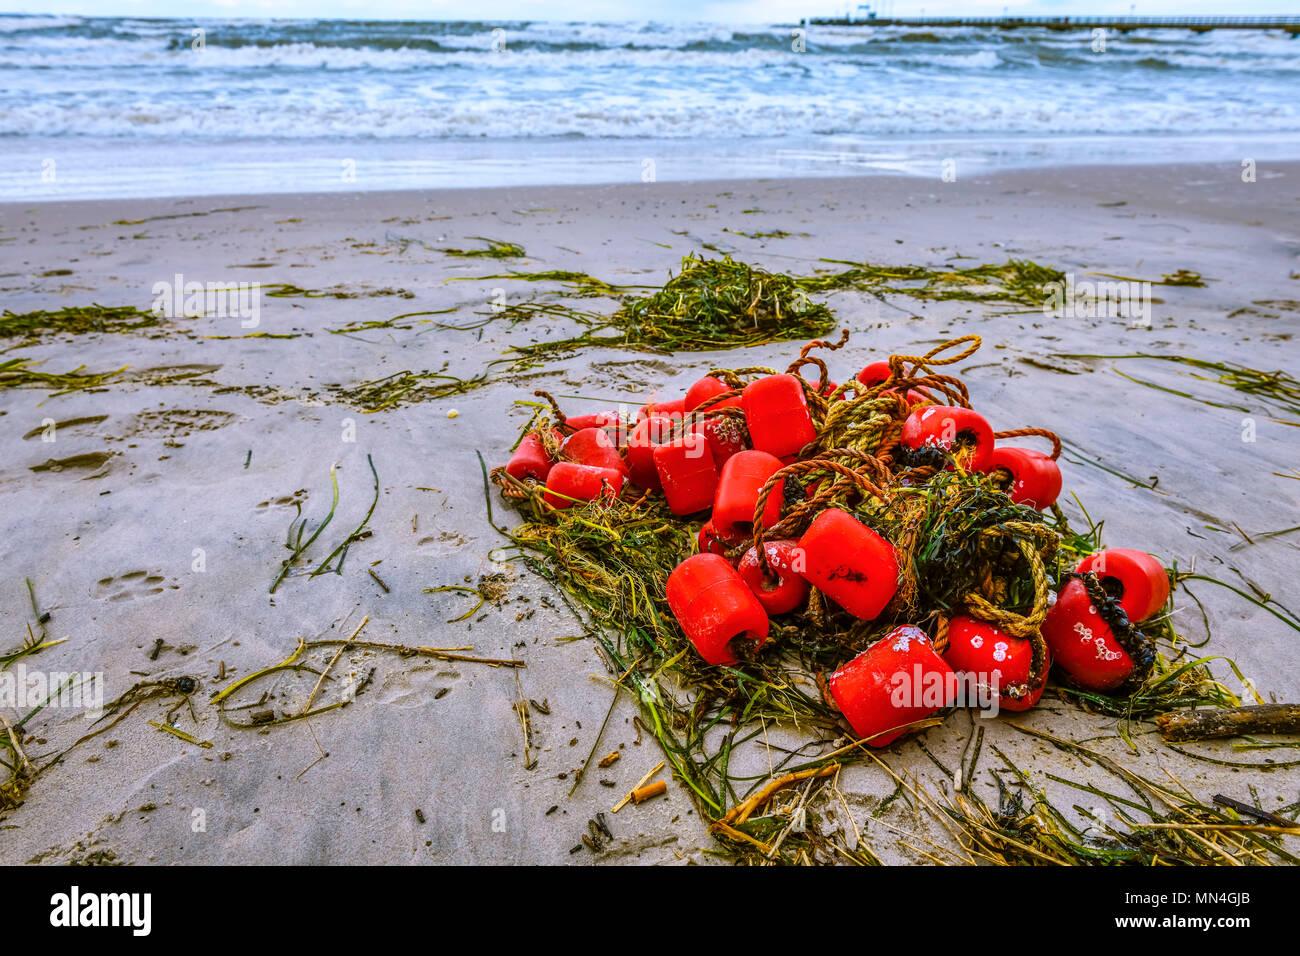 The remains of a fishing net is consoles after storm in Scharbeutz, Schleswig-Holstein, Germany, Europe, Angespülte Reste von einem Fischernetz nach S - Stock Image